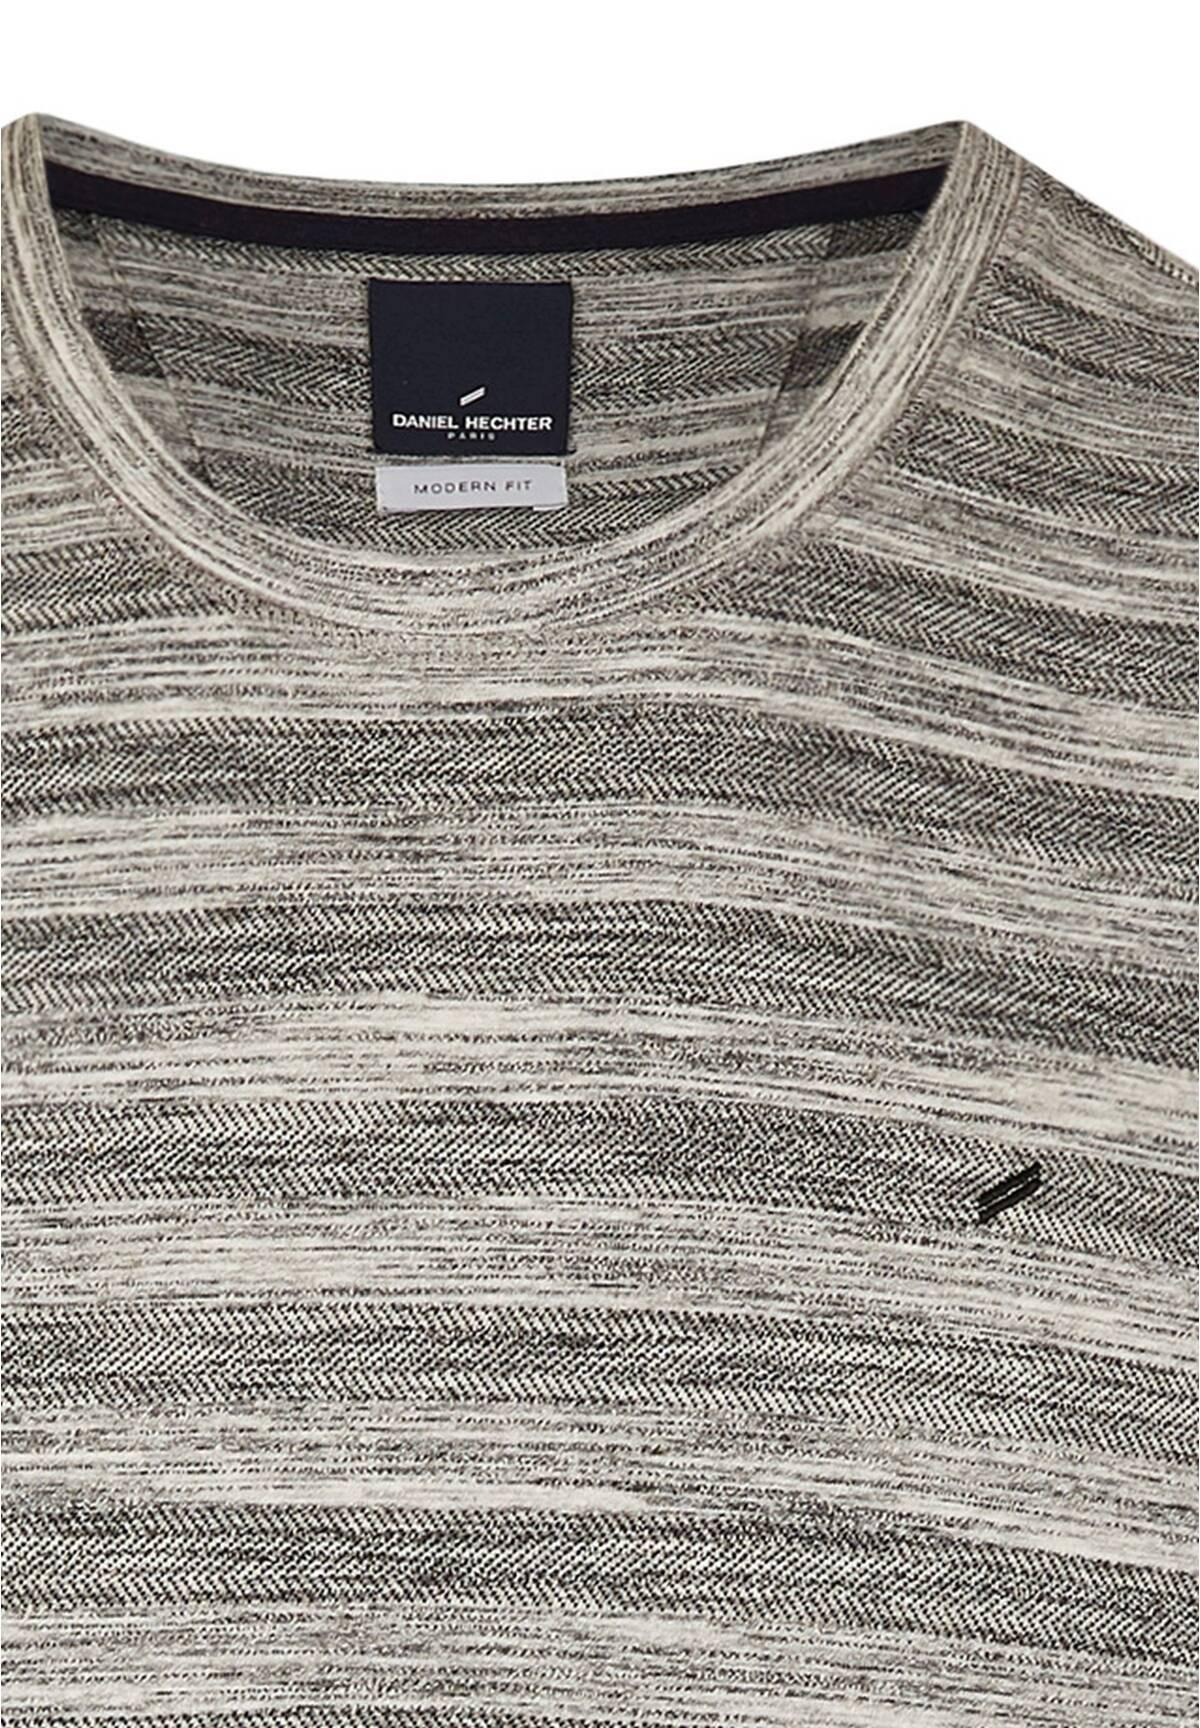 Sommerliches T-Shirt / CREW NECK TSHIRT